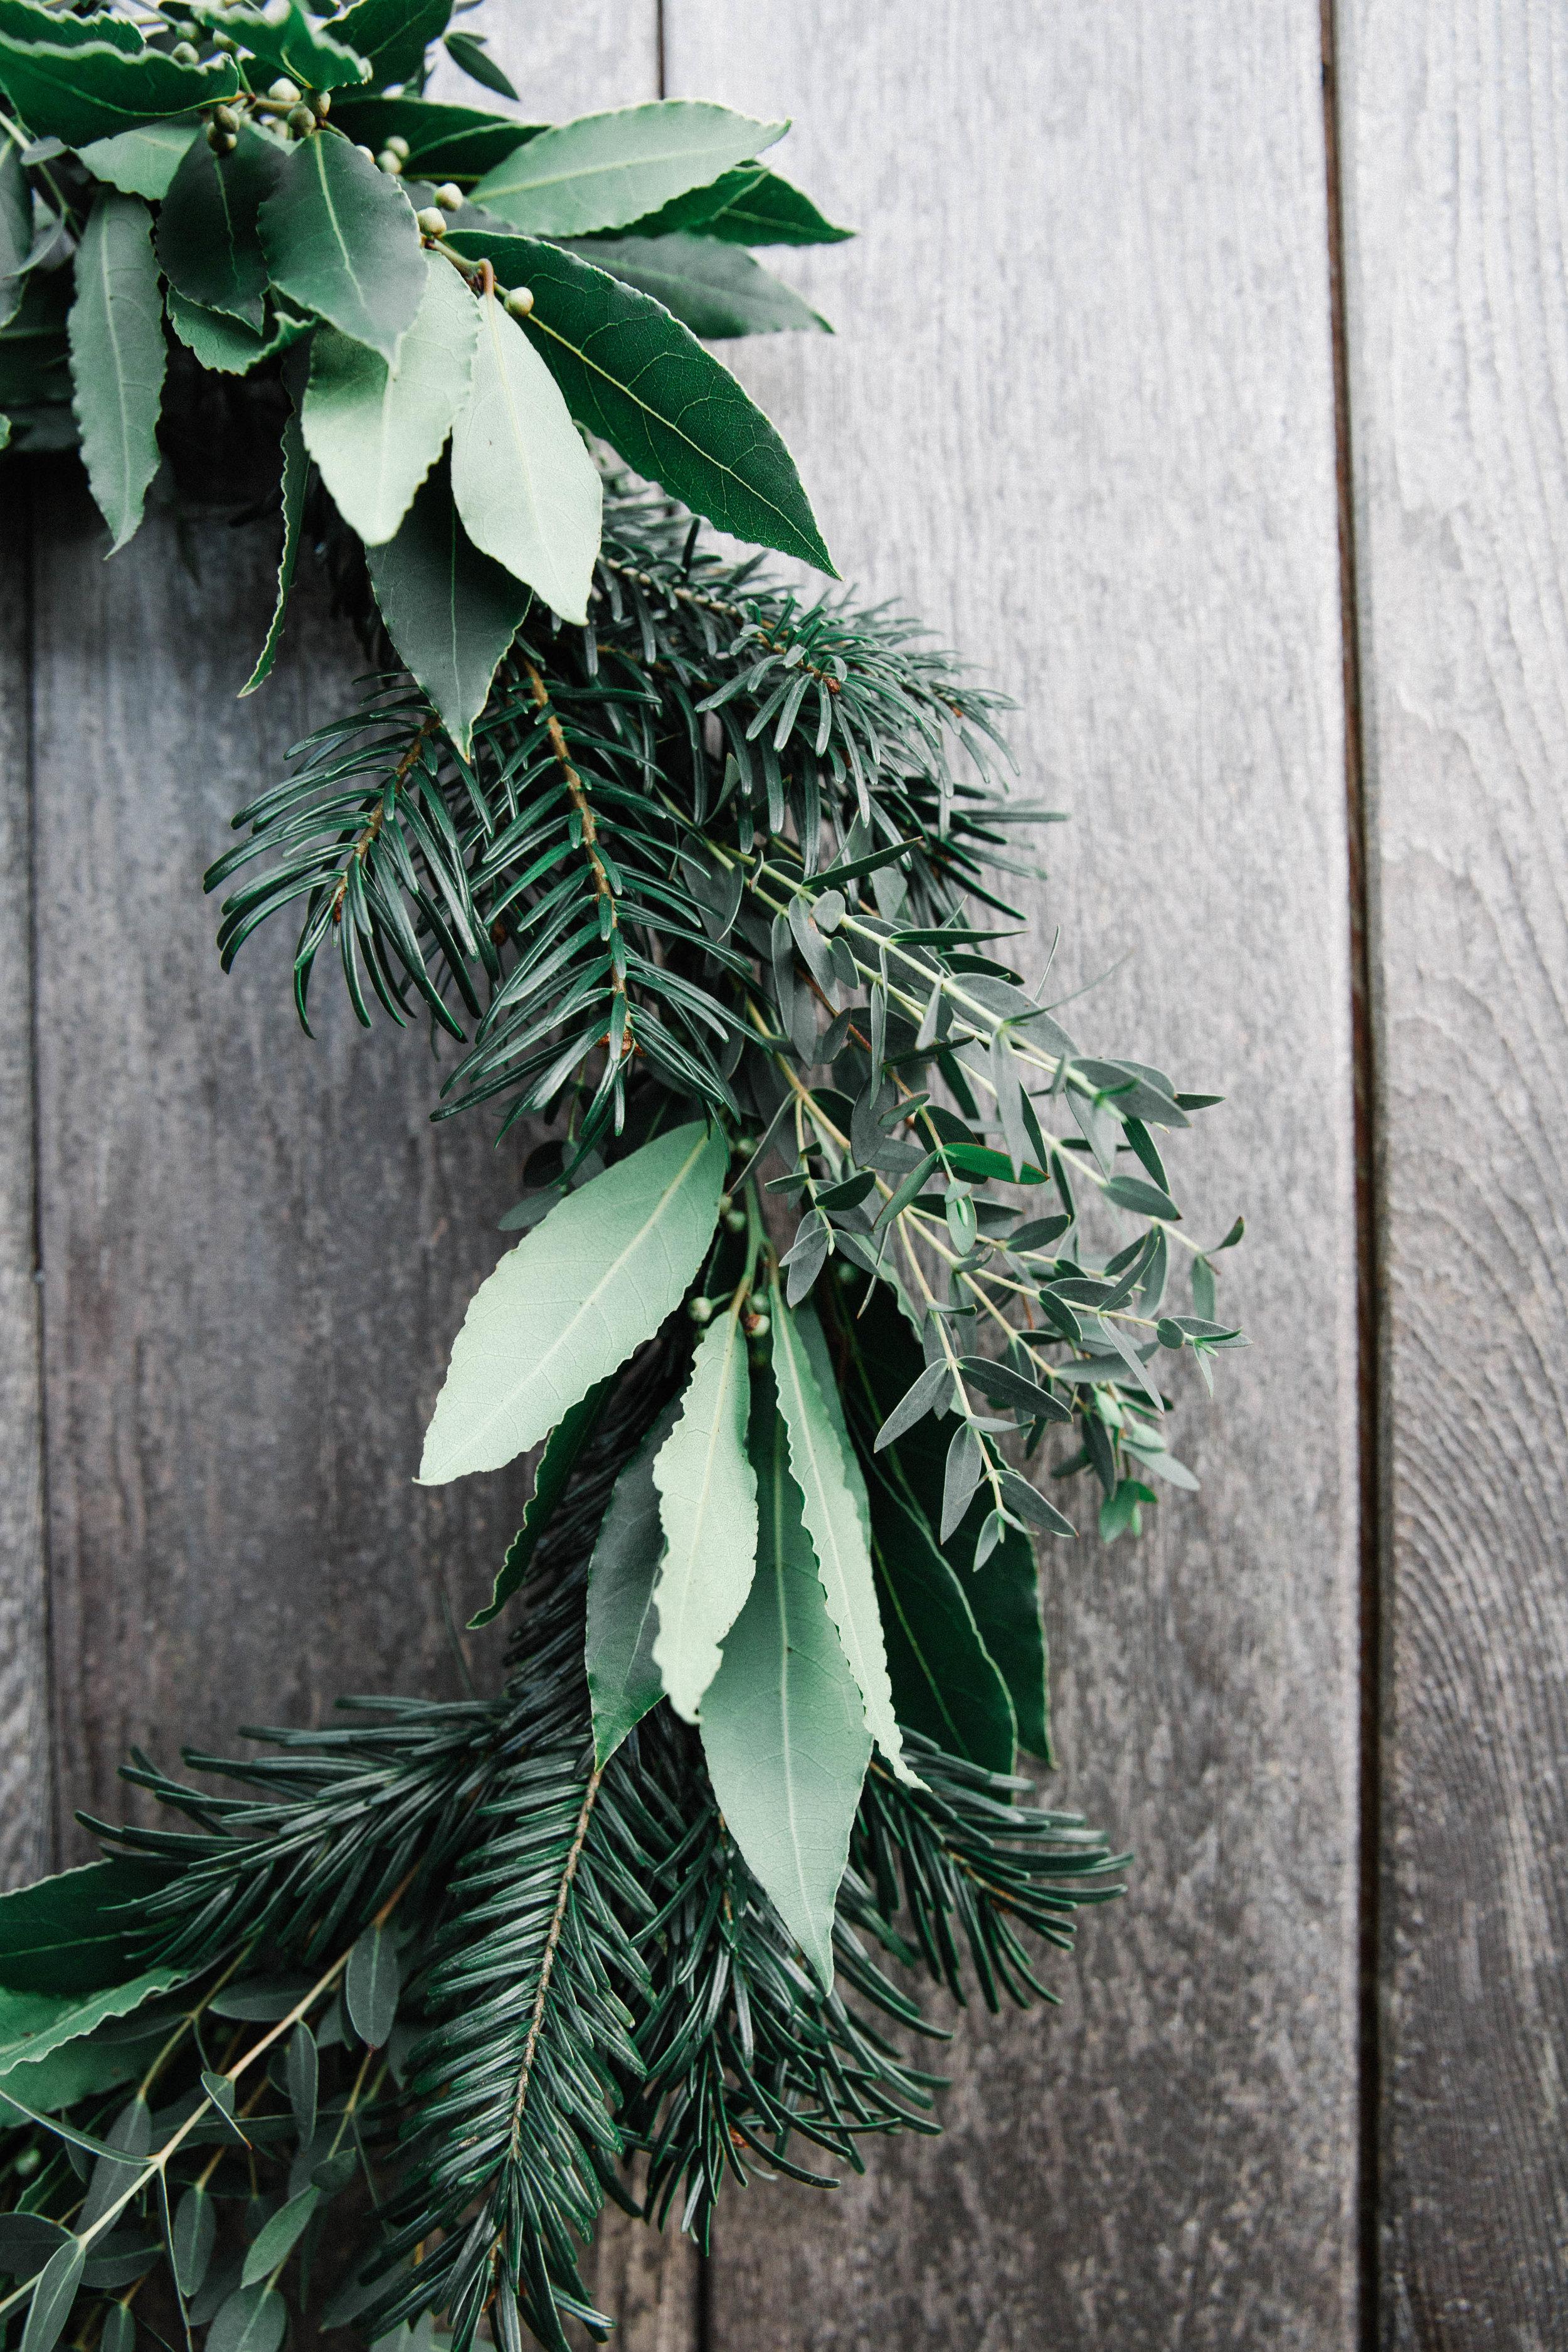 DIY foraged Christmas wreath